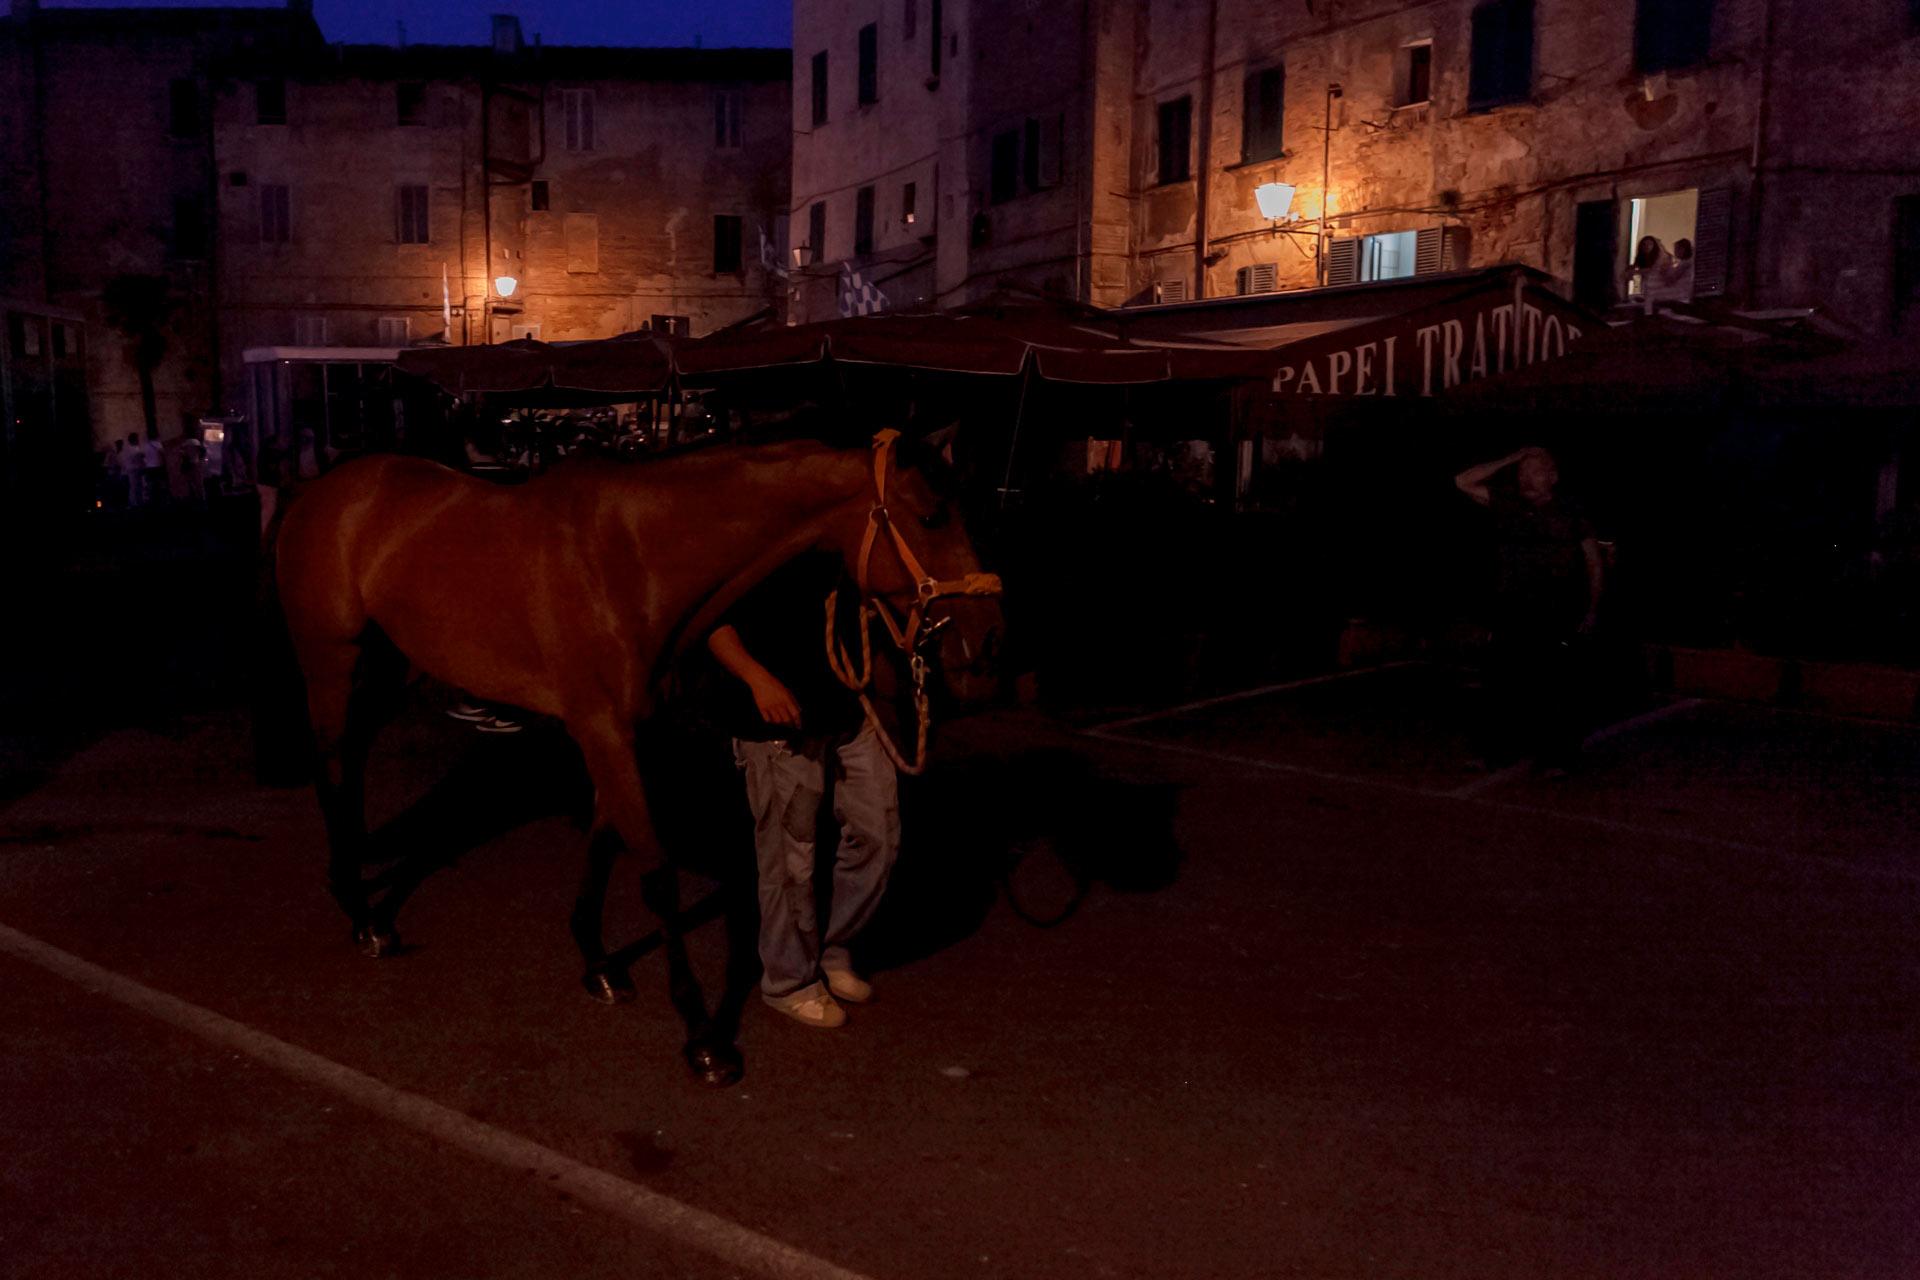 LES COURSES DE NUIT - Nous y voil?, les jours du Palio sont ? nos portes. Rendez-vous avec Barbaresco ? l'aube sur la Piazza del Mercato. C'est l? que tous les chevaux arrivent ? bord de leurs fourgons ?quip?s pour un transport en toute s?curit?.